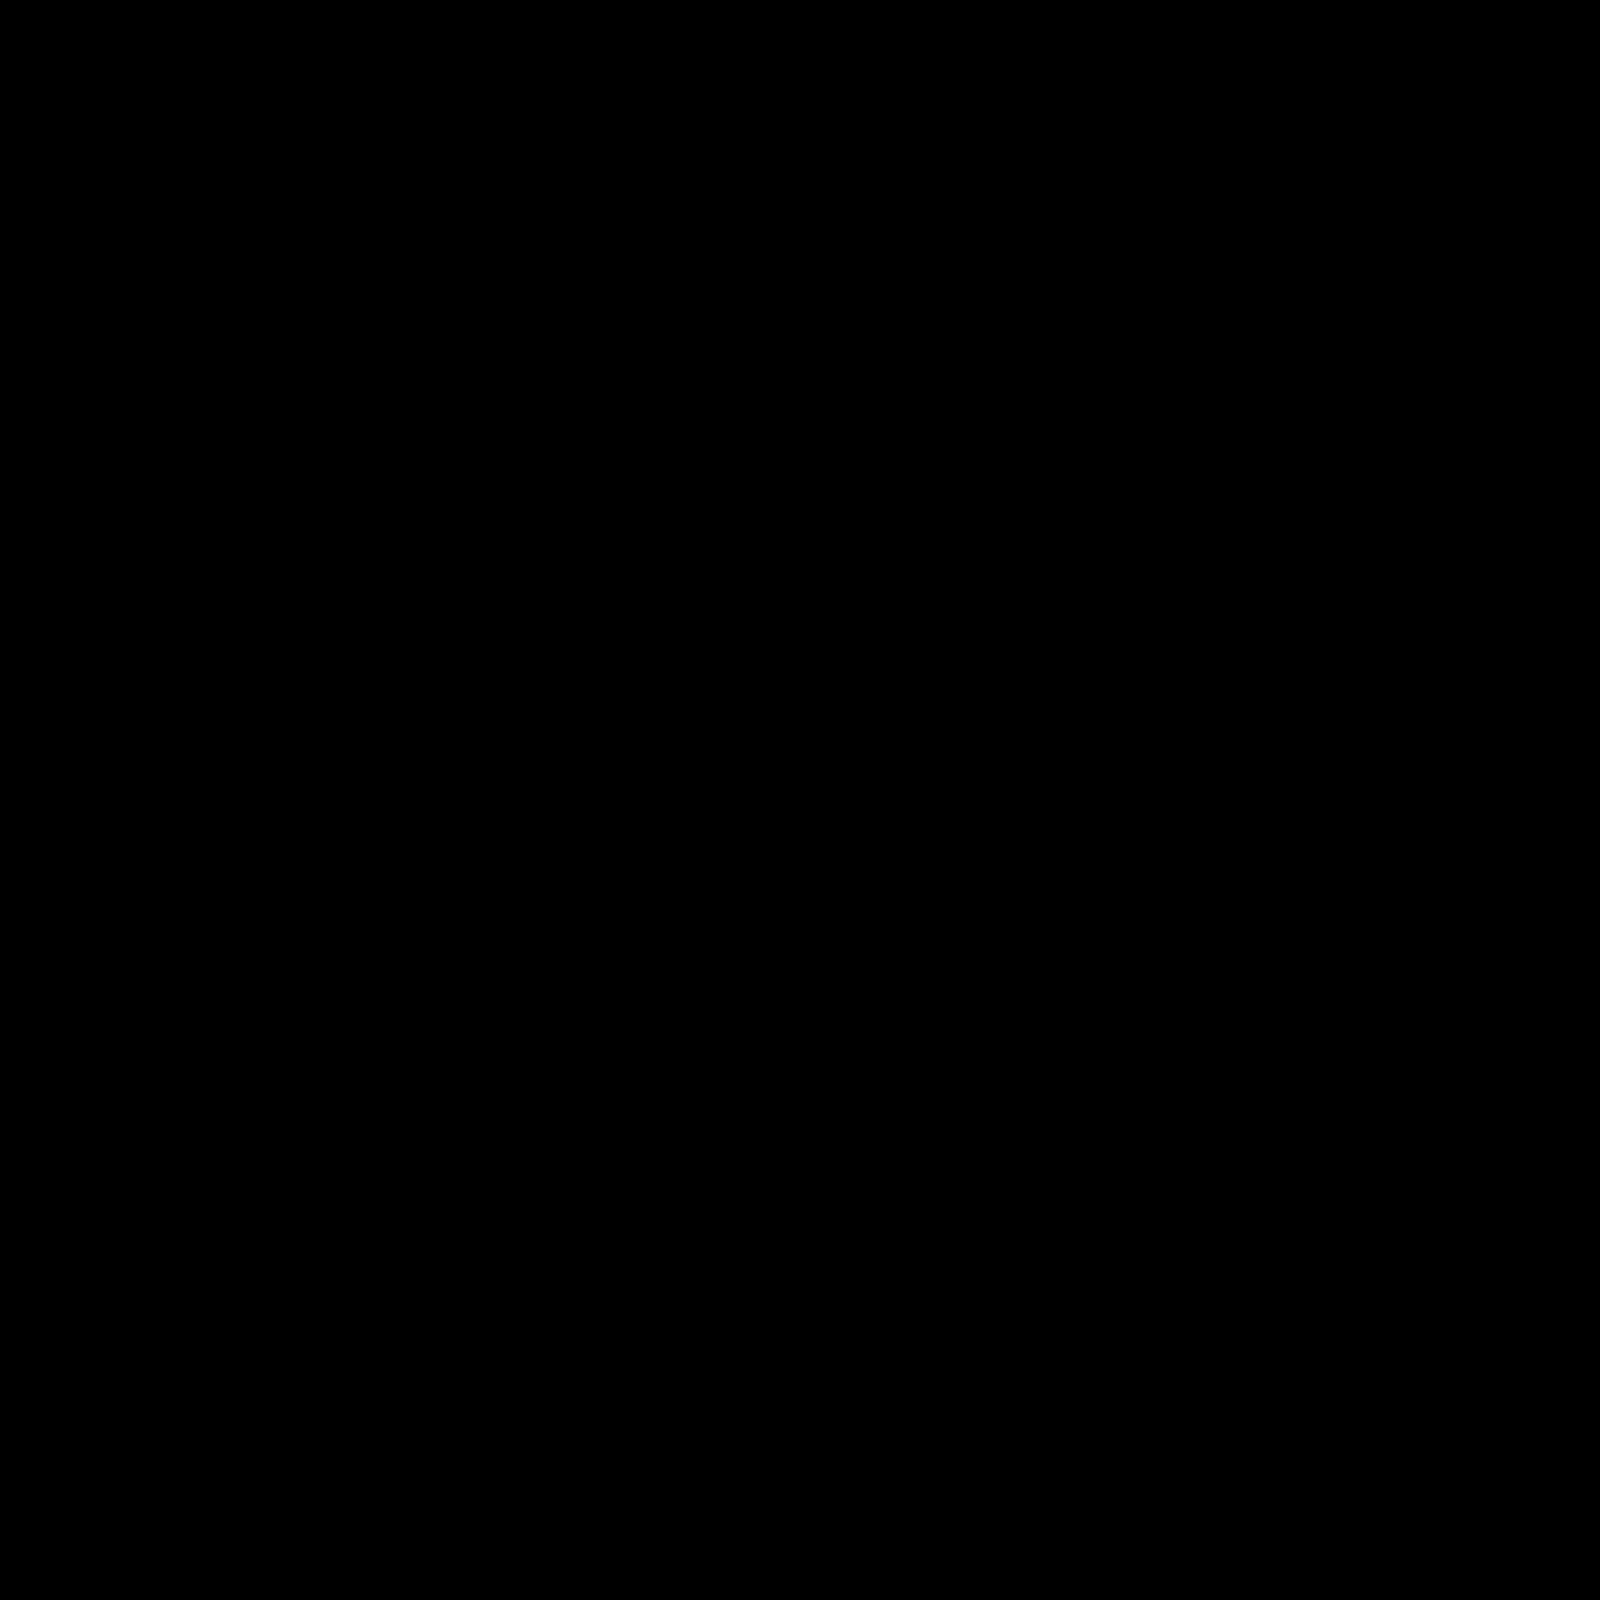 Move Node Down icon